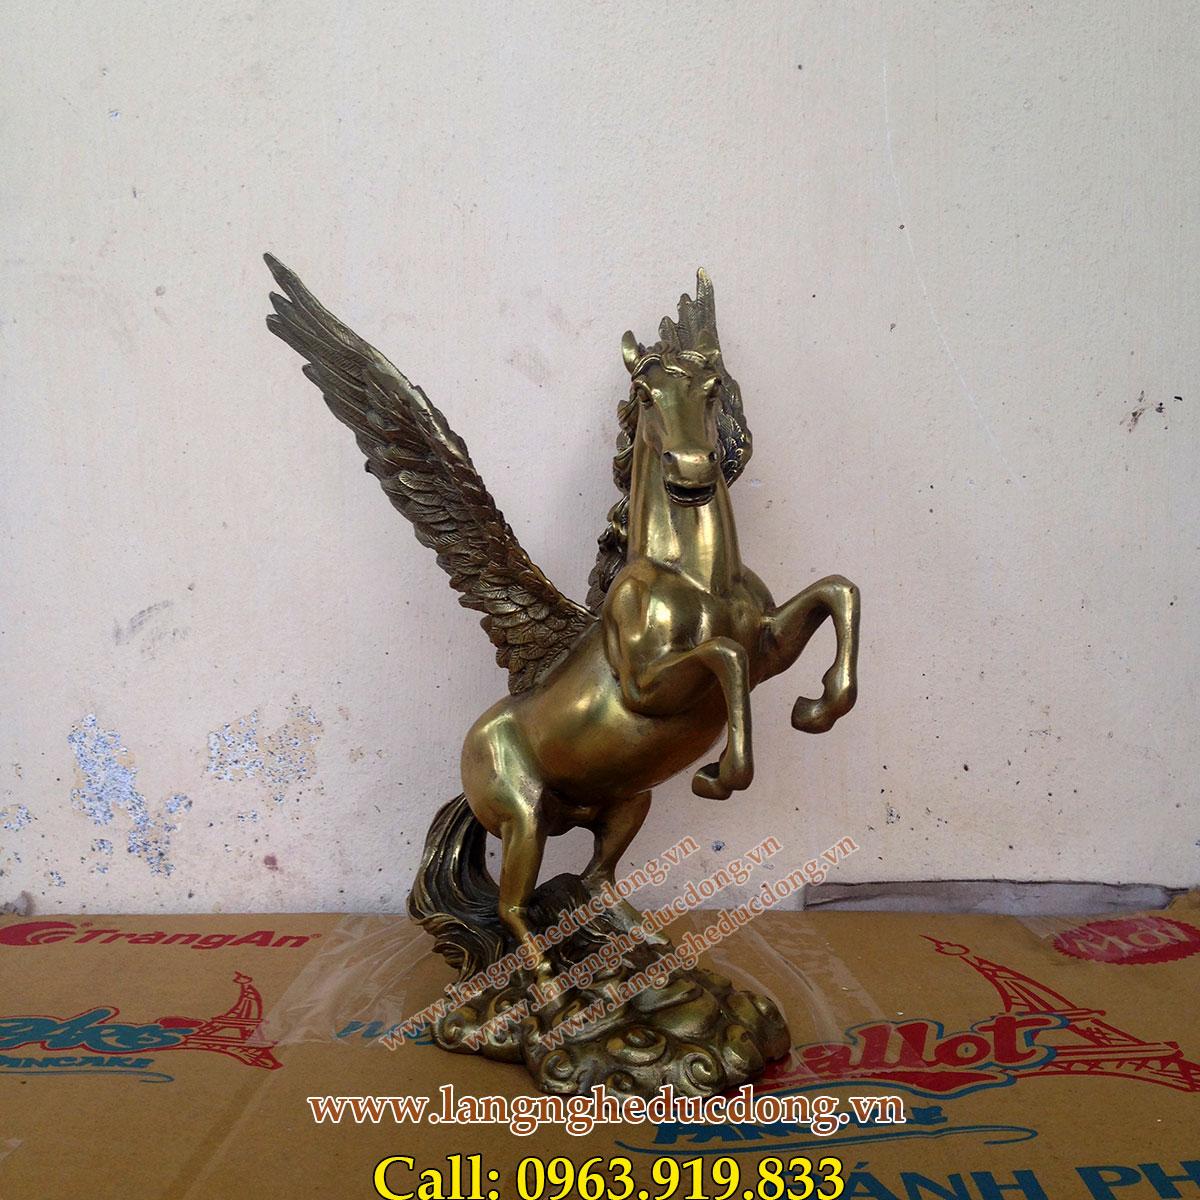 langngheducdong.vn - tượng ngựa có cánh bằng đồng cao 25cm, tượng ngựa đồng